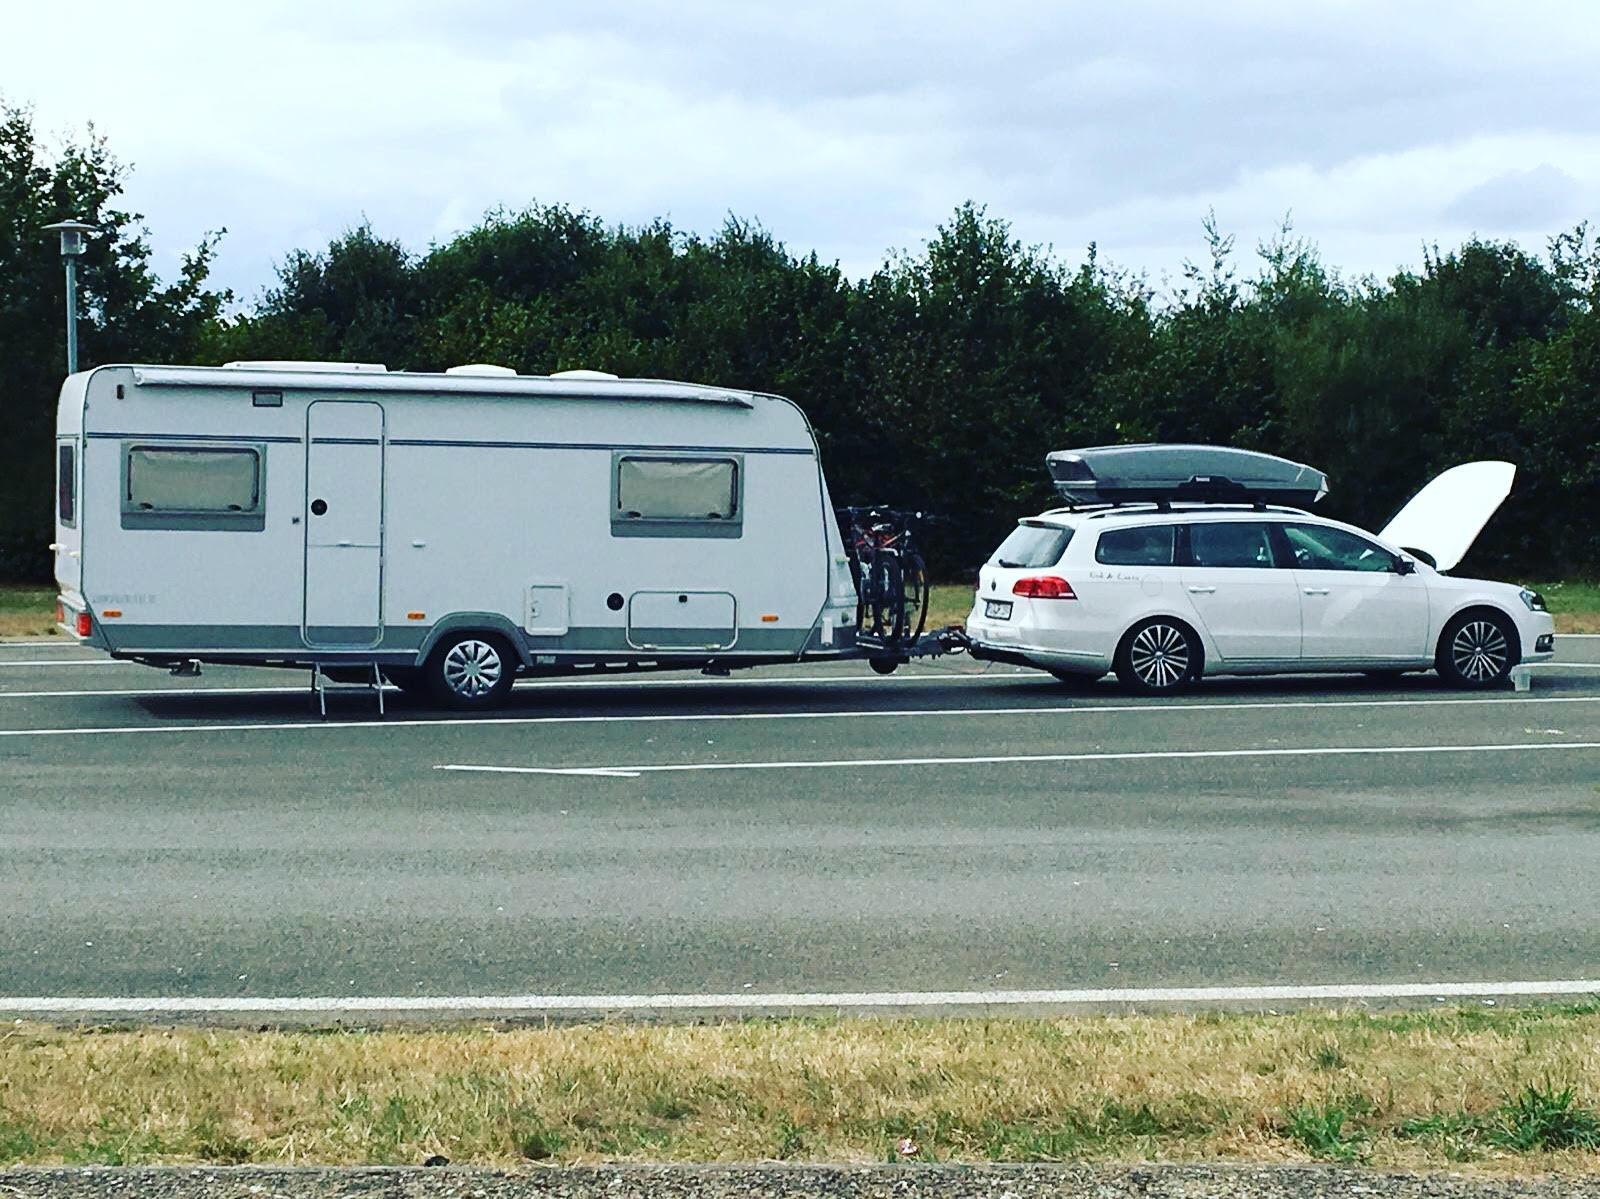 Wohnwagen angehängt an VW Passat